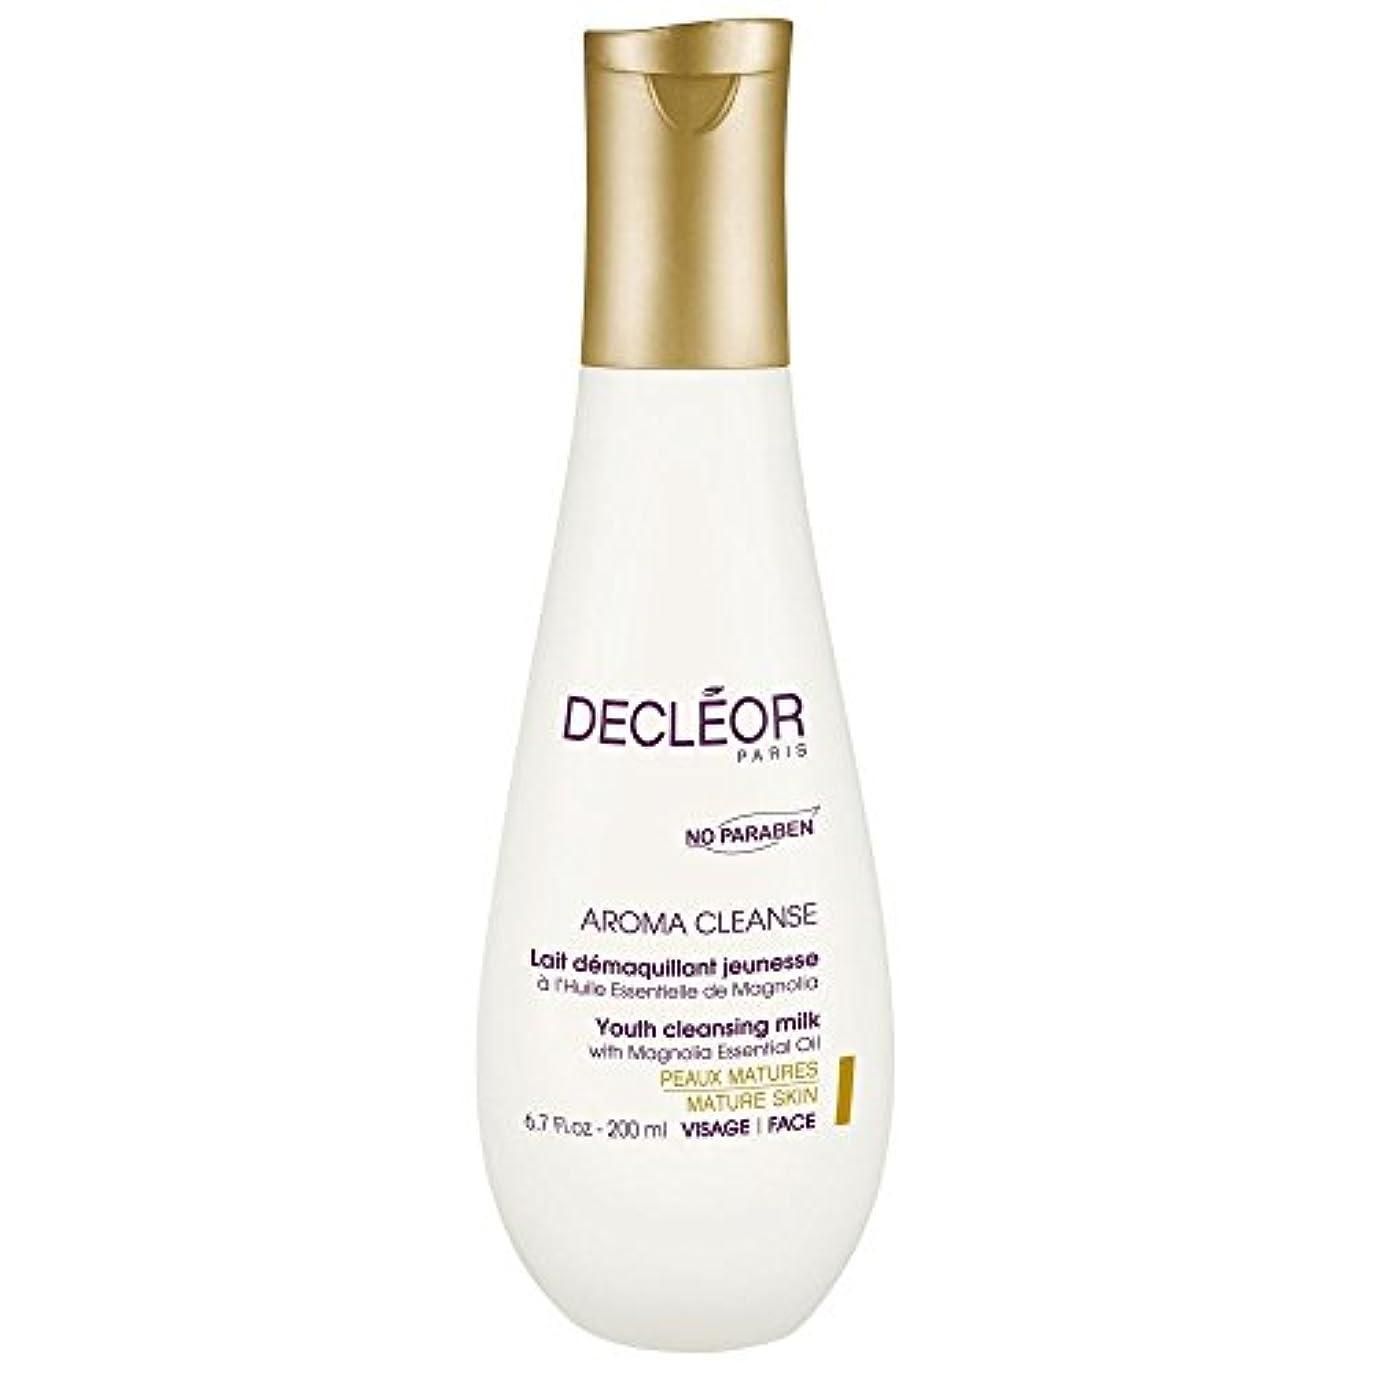 膨らみ重要仲人[Decl?or] モクレンエッセンシャルオイル、200ミリリットルとデクレオール若者のクレンジングミルク - Decl?or Youth Cleansing Milk With Magnolia Essential Oil...